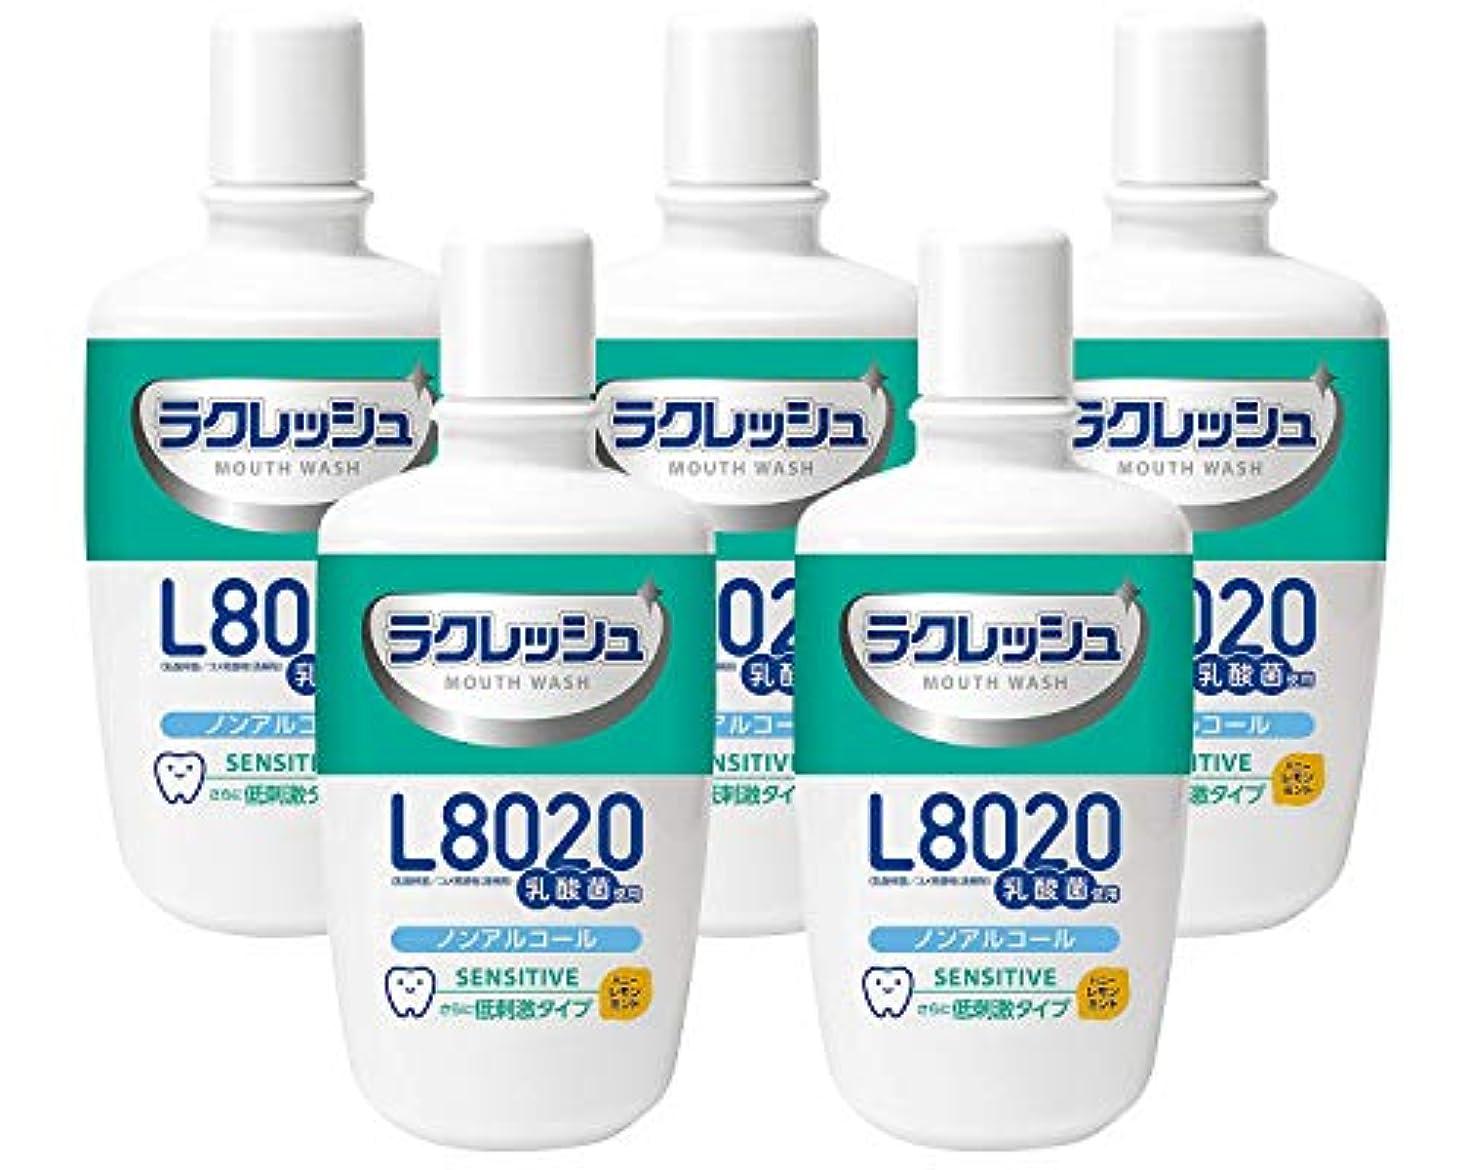 ショット存在するサラダジェクス(JEX) ラクレッシュ L8020 乳酸菌 マウスウォッシュ (300ml) 5本セット センシティブタイプ (ノンアルコール/さらに低刺激)